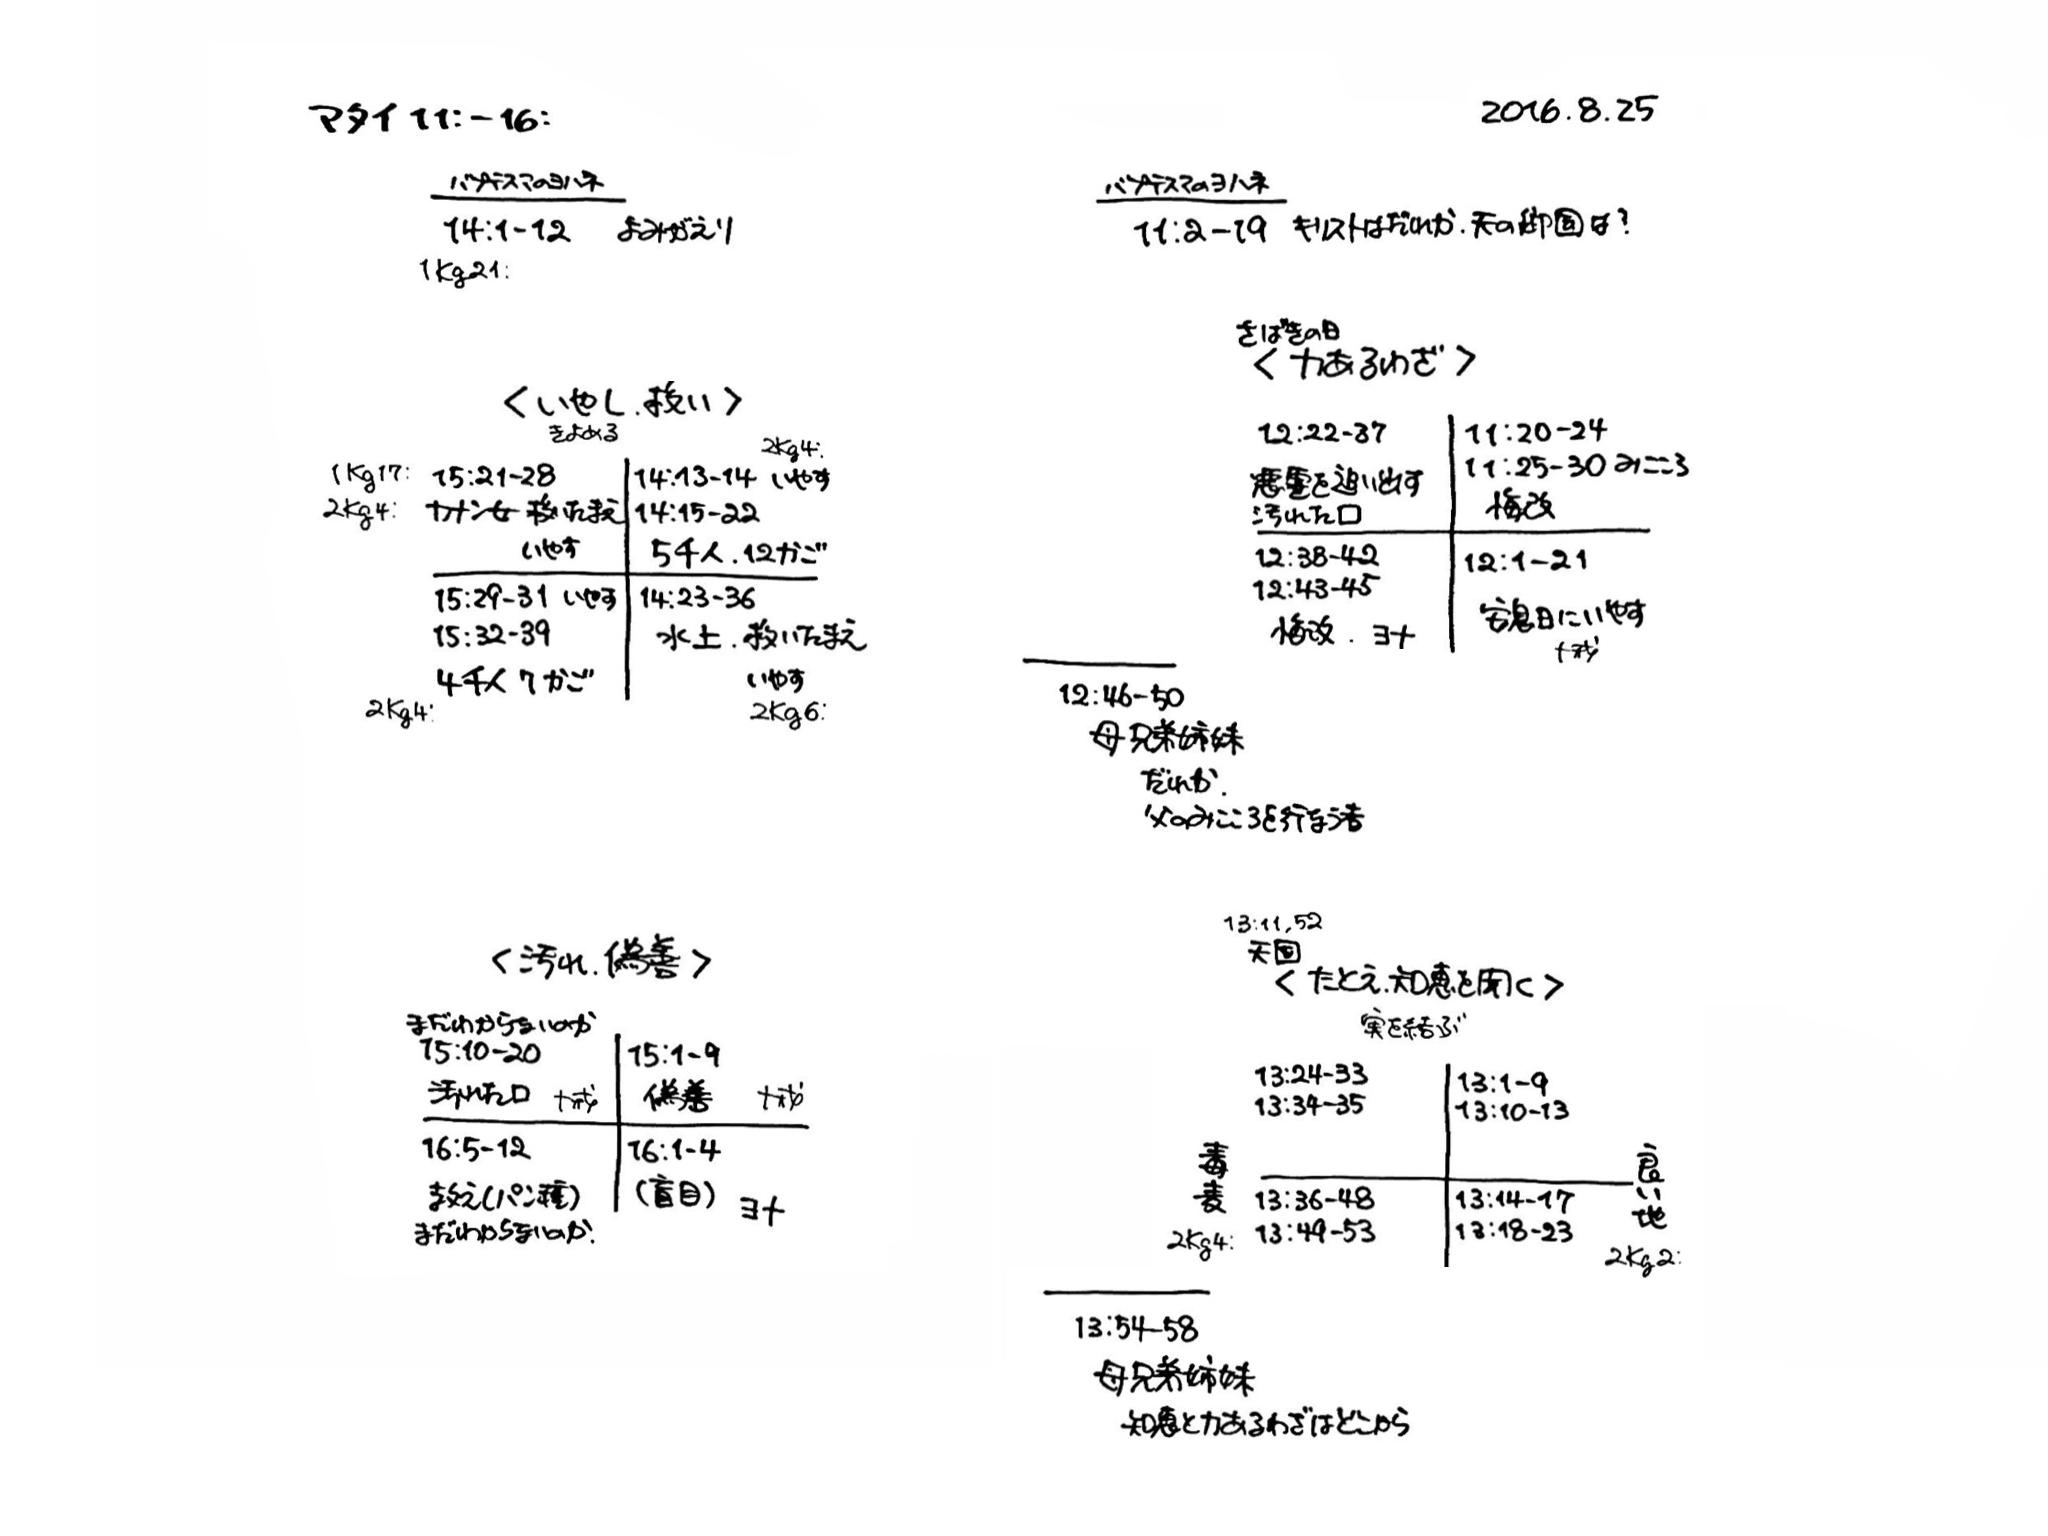 マタイ福音書 11-16章の構造分析